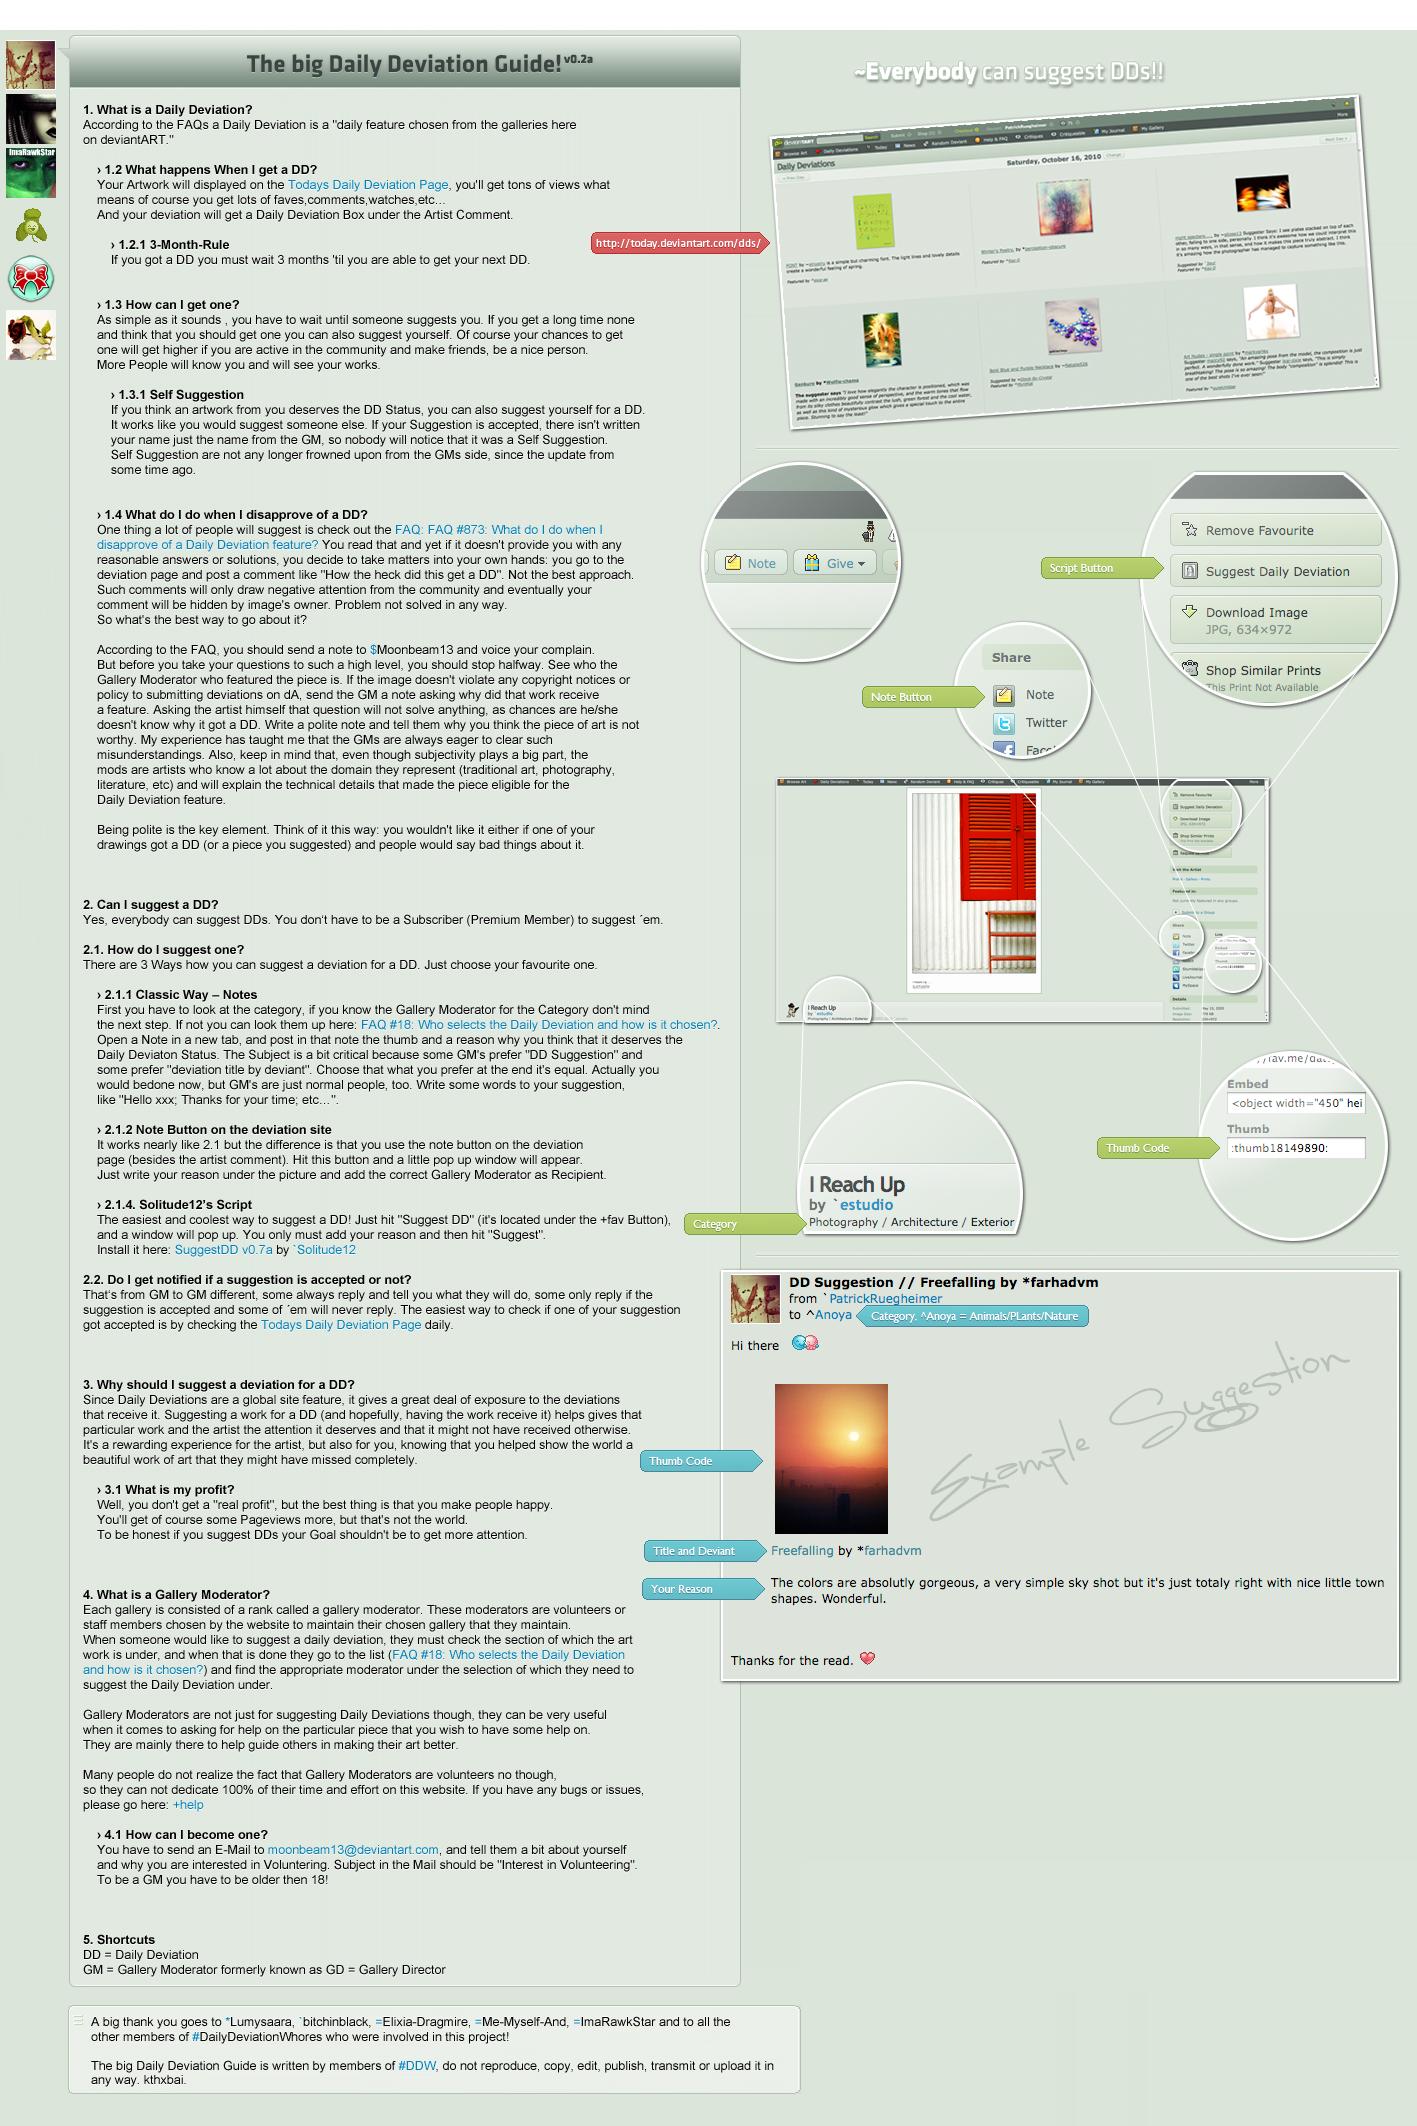 Daily Deviation Guide v0.2a by PatrickRuegheimer